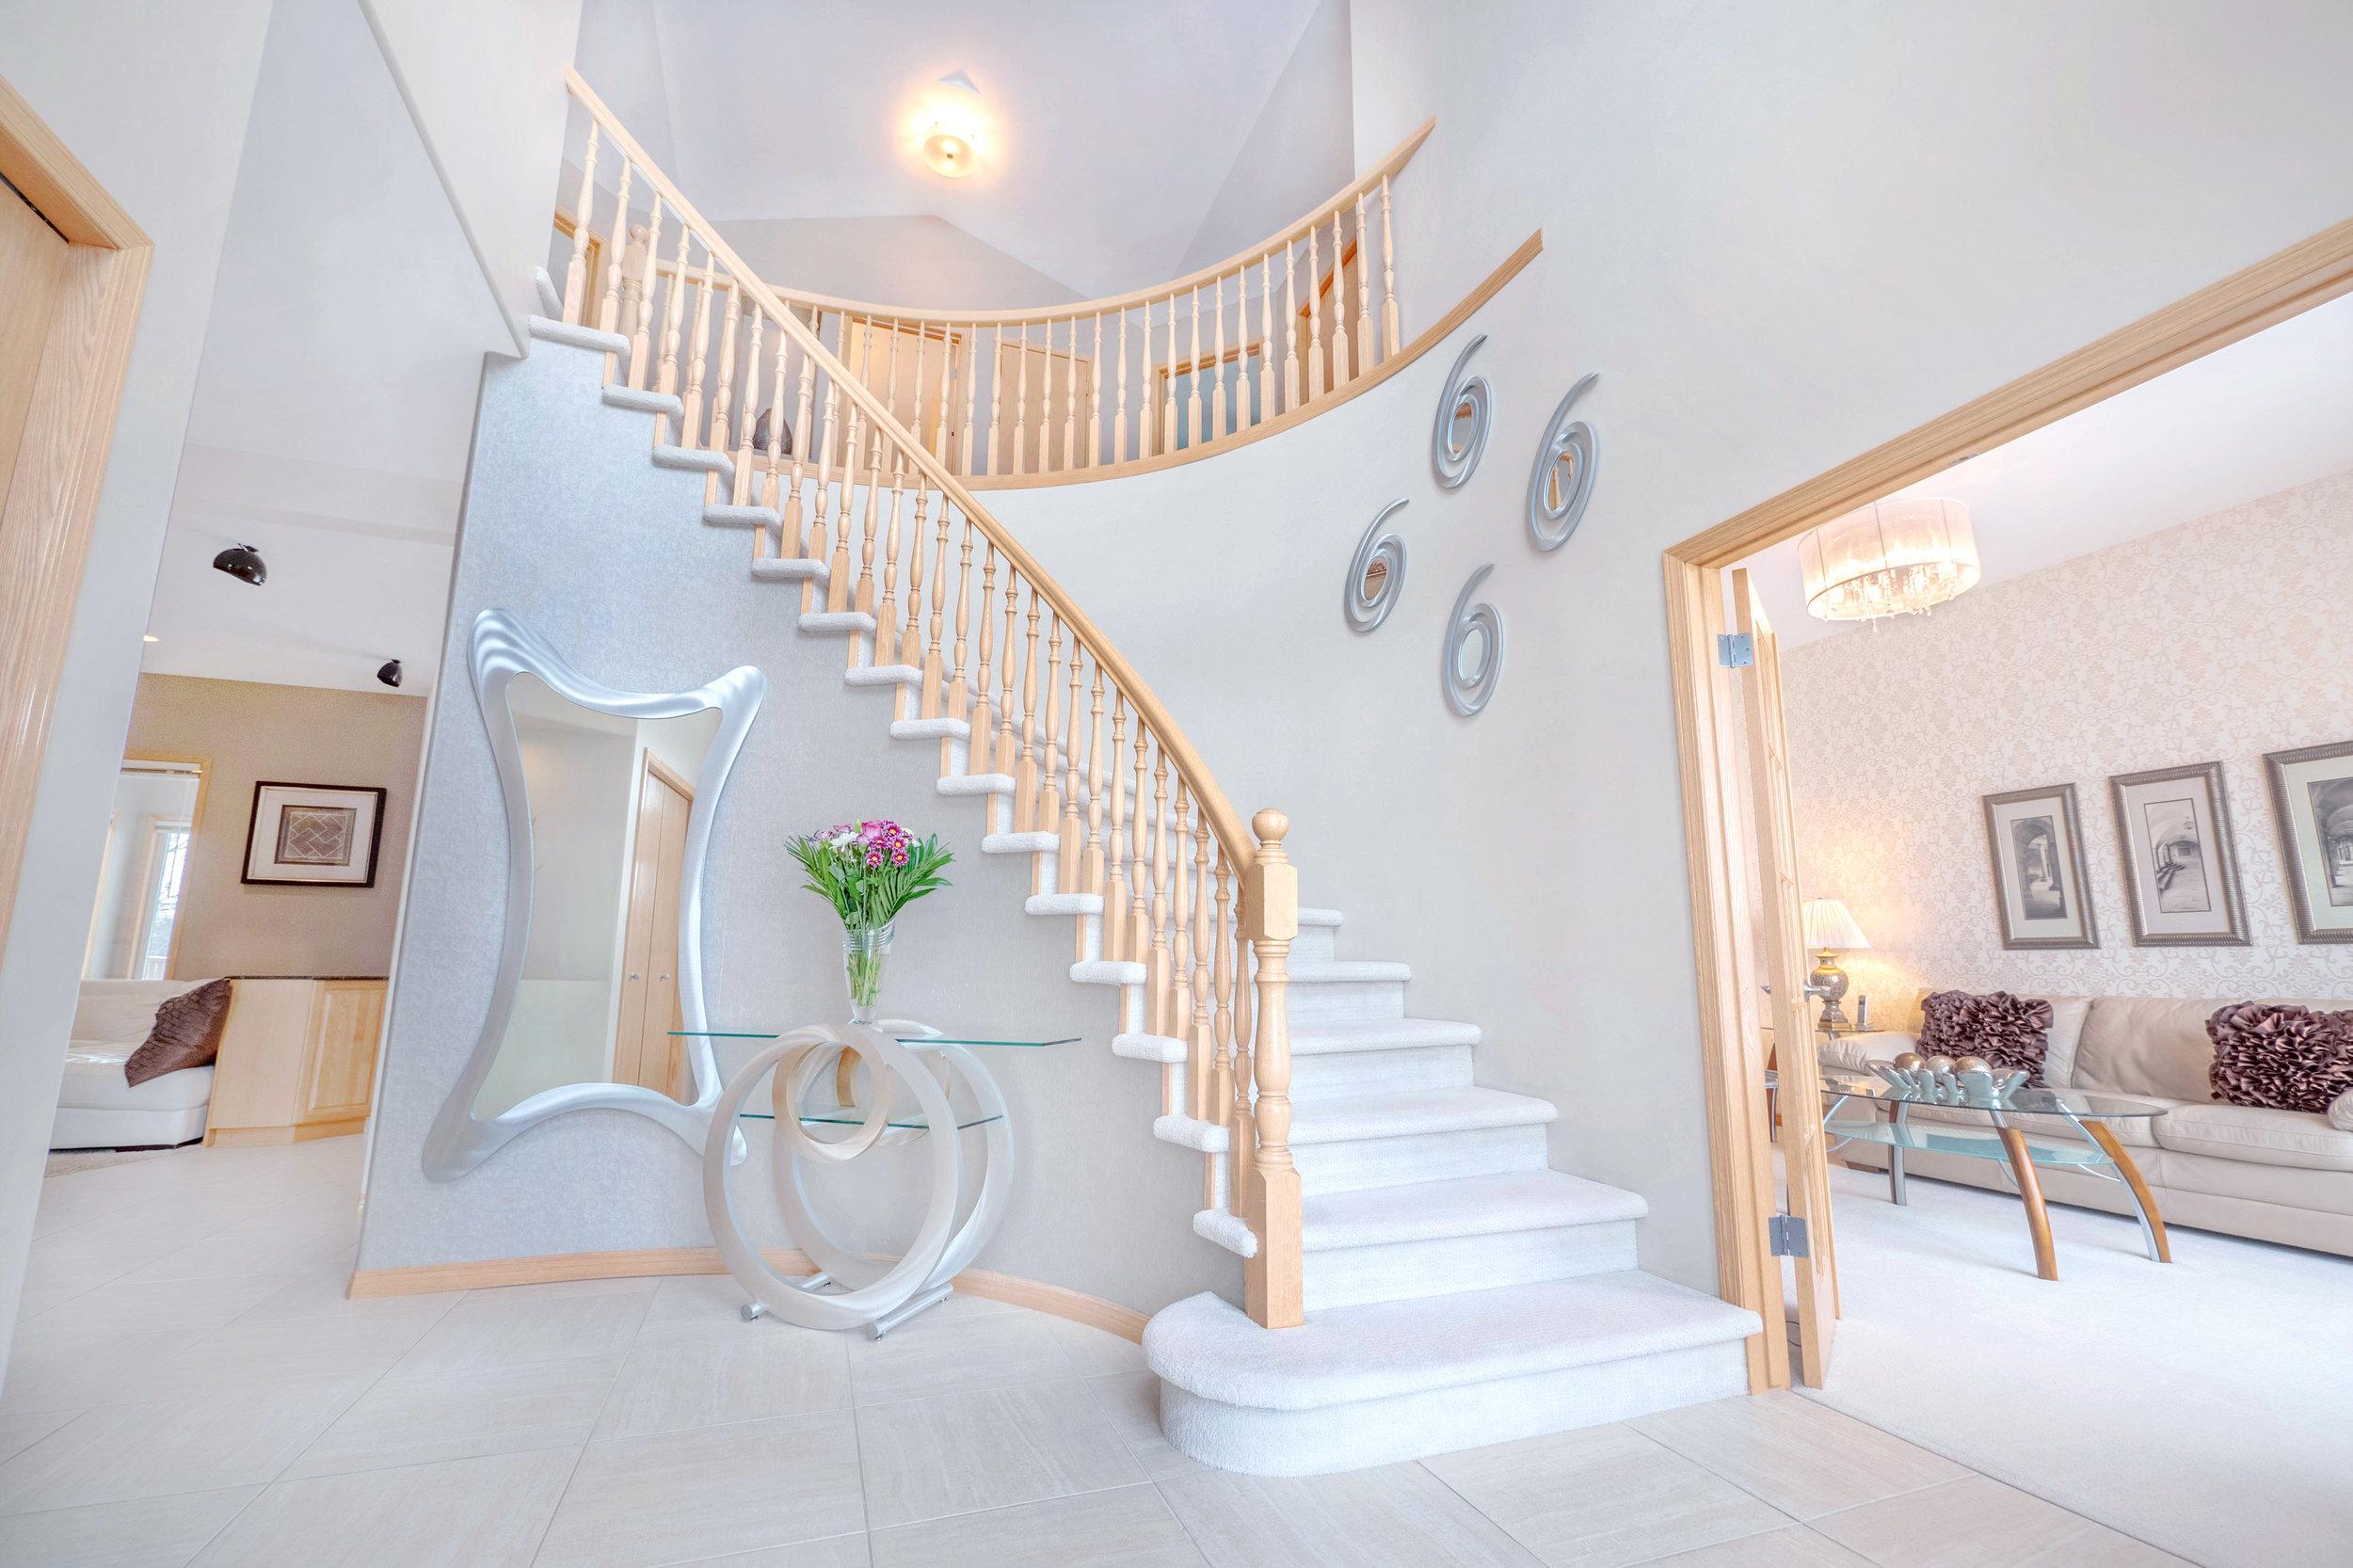 8 Deerwood Staircase.jpg